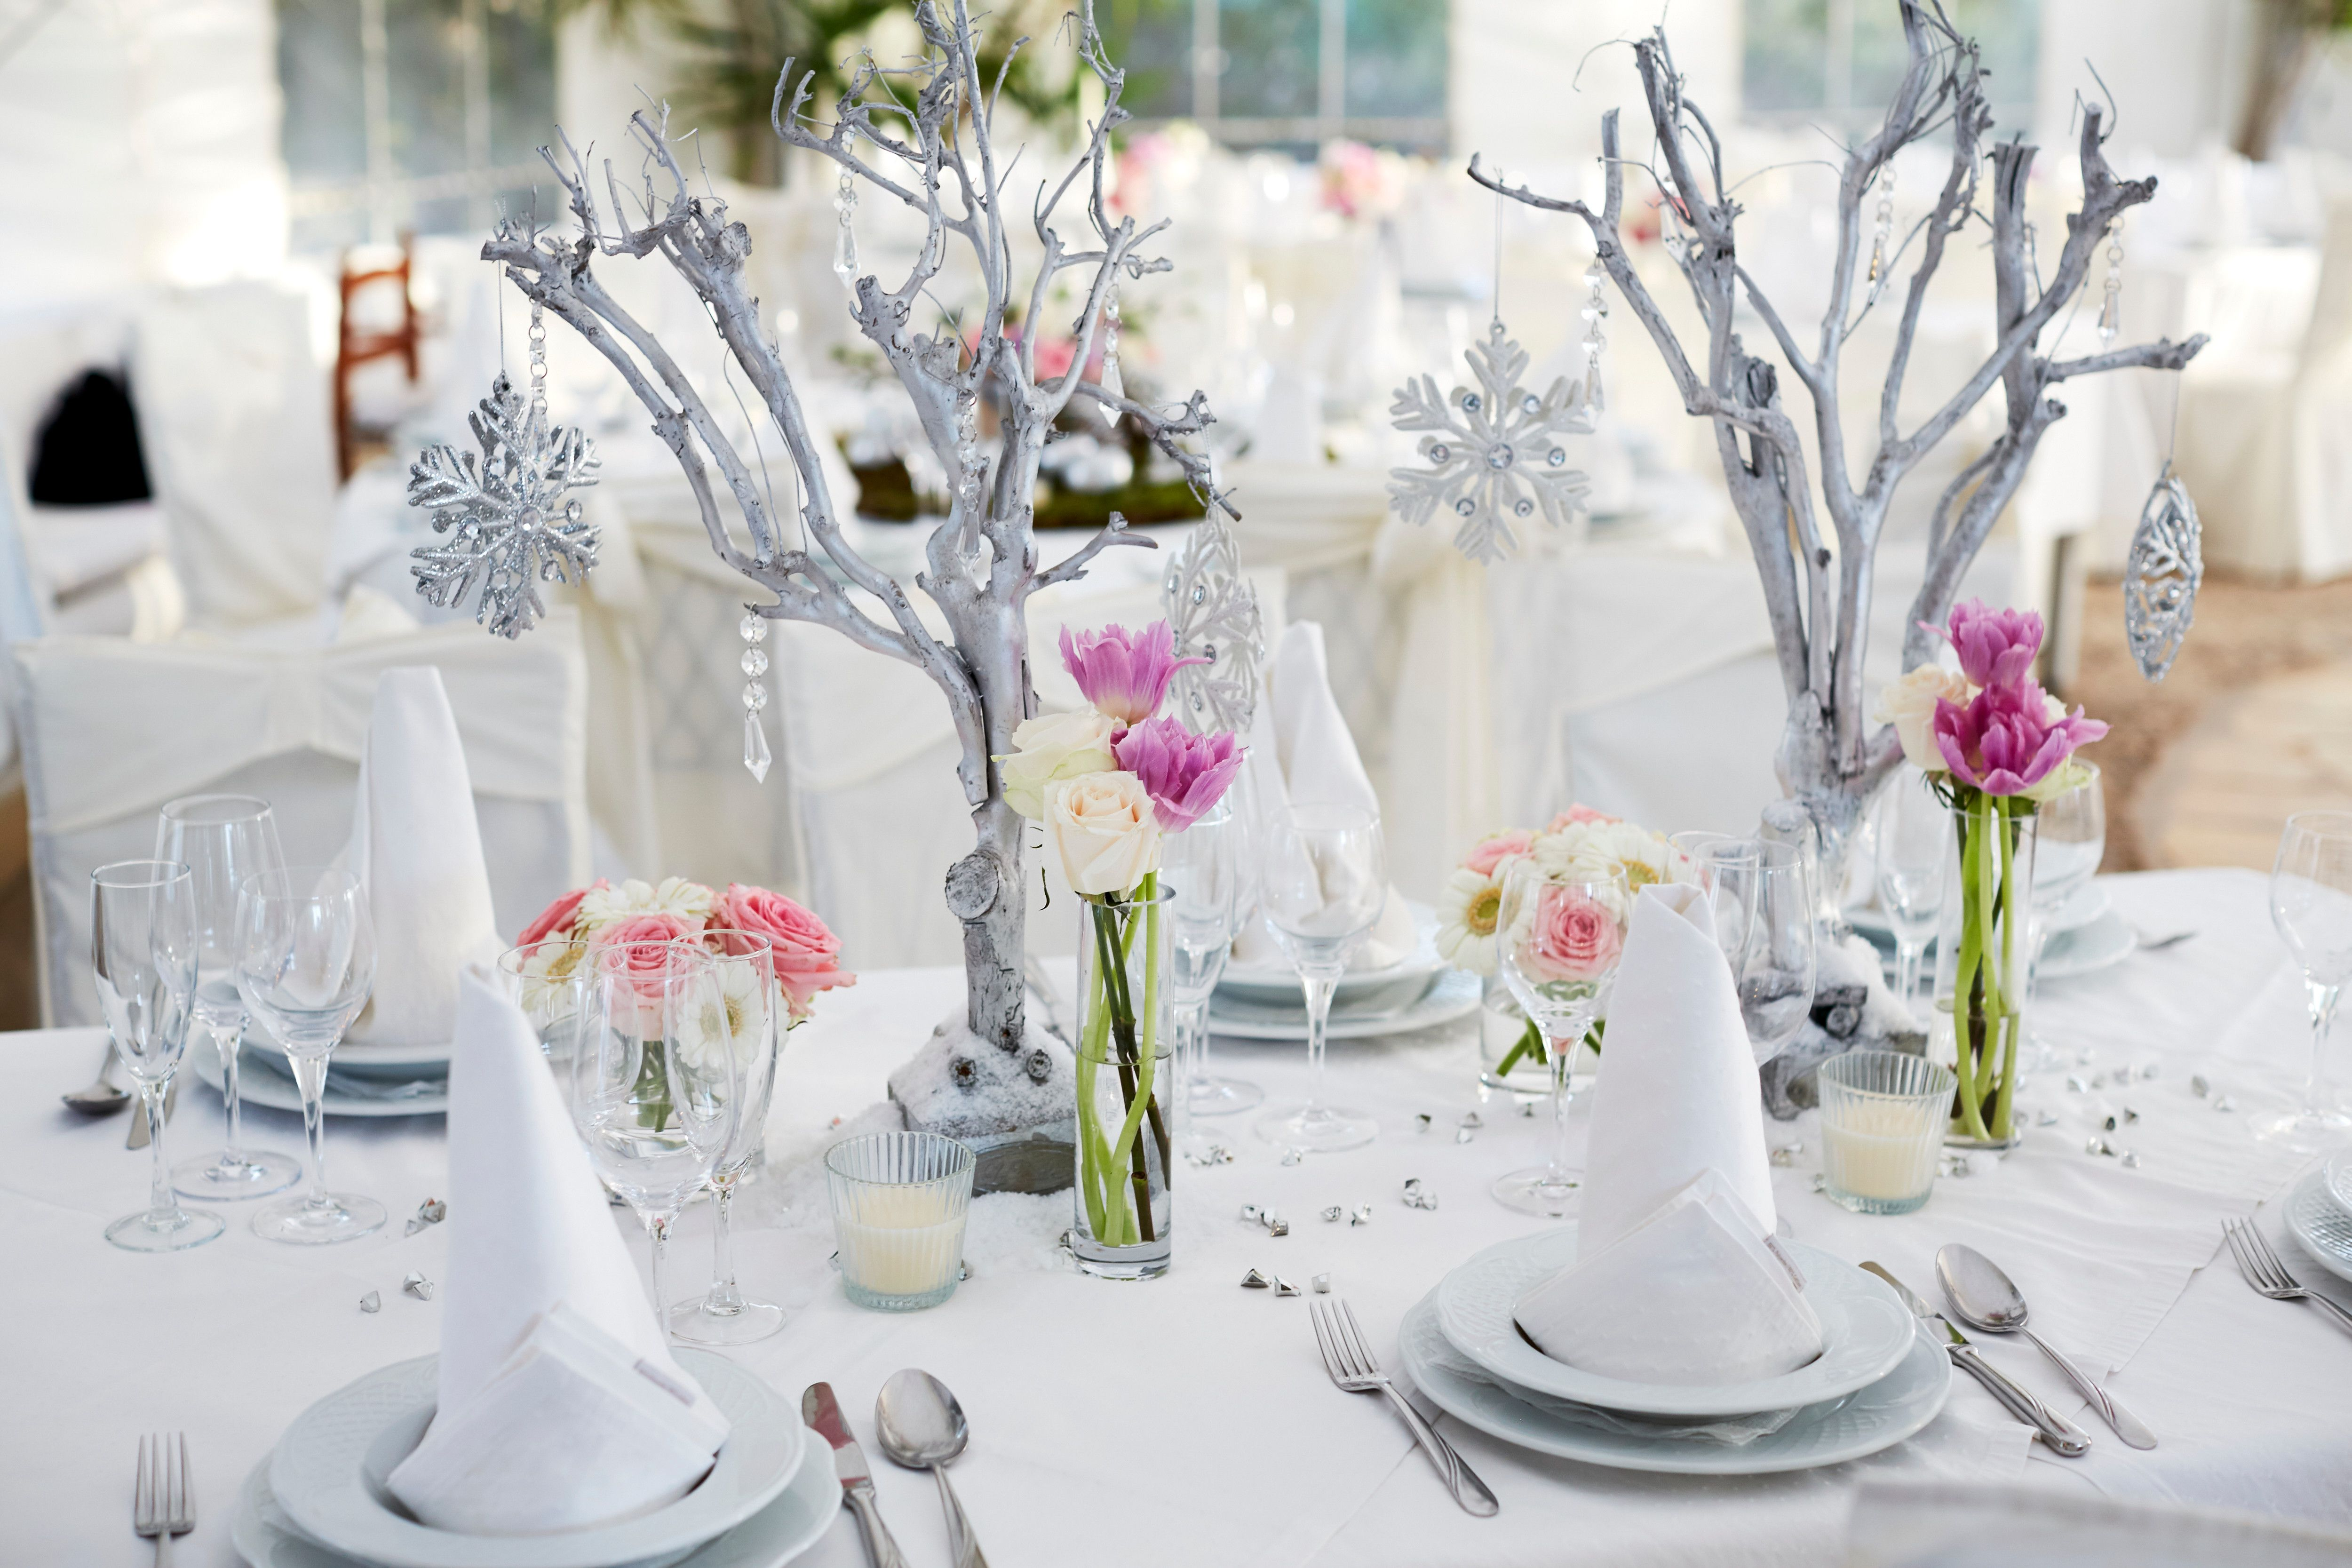 Old Fashioned Disney Wedding Decorations Motif - The Wedding Ideas ...